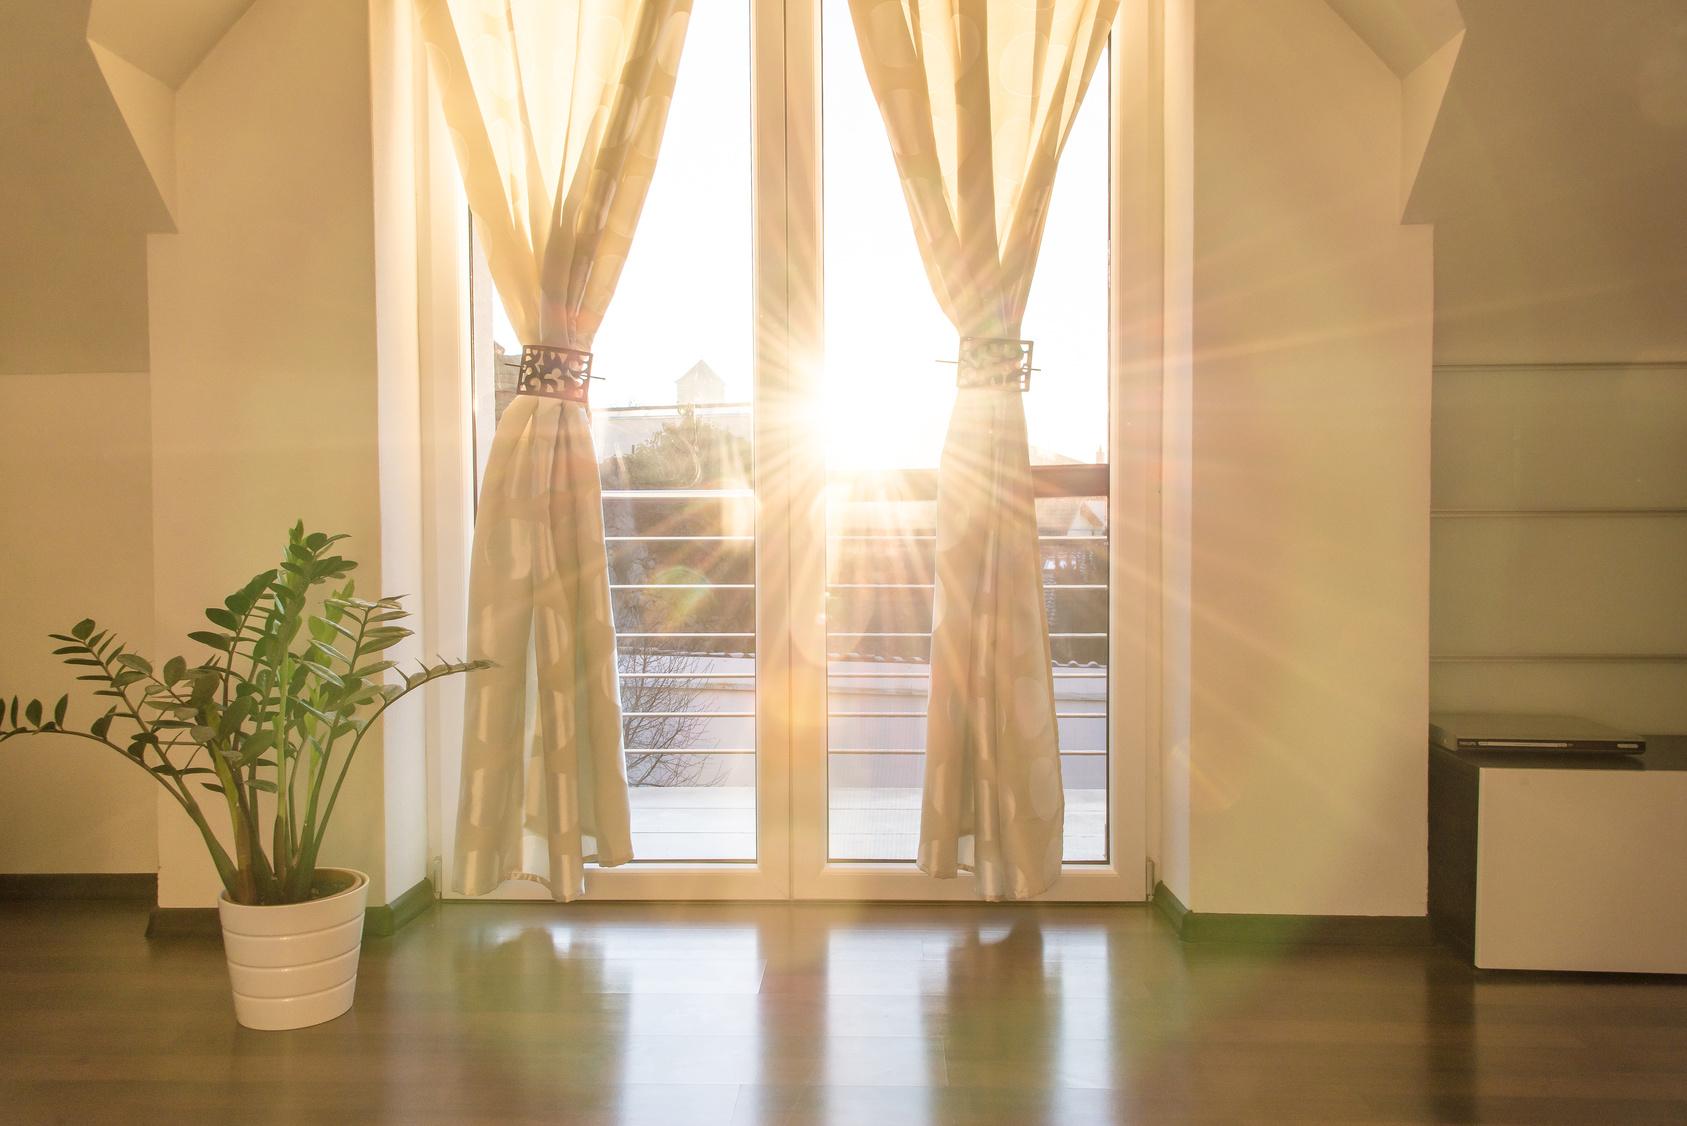 gardinen wohnzimmer 2016:Gardinenschmuck ist immer ein Hingucker: Die Gardinenbrosche